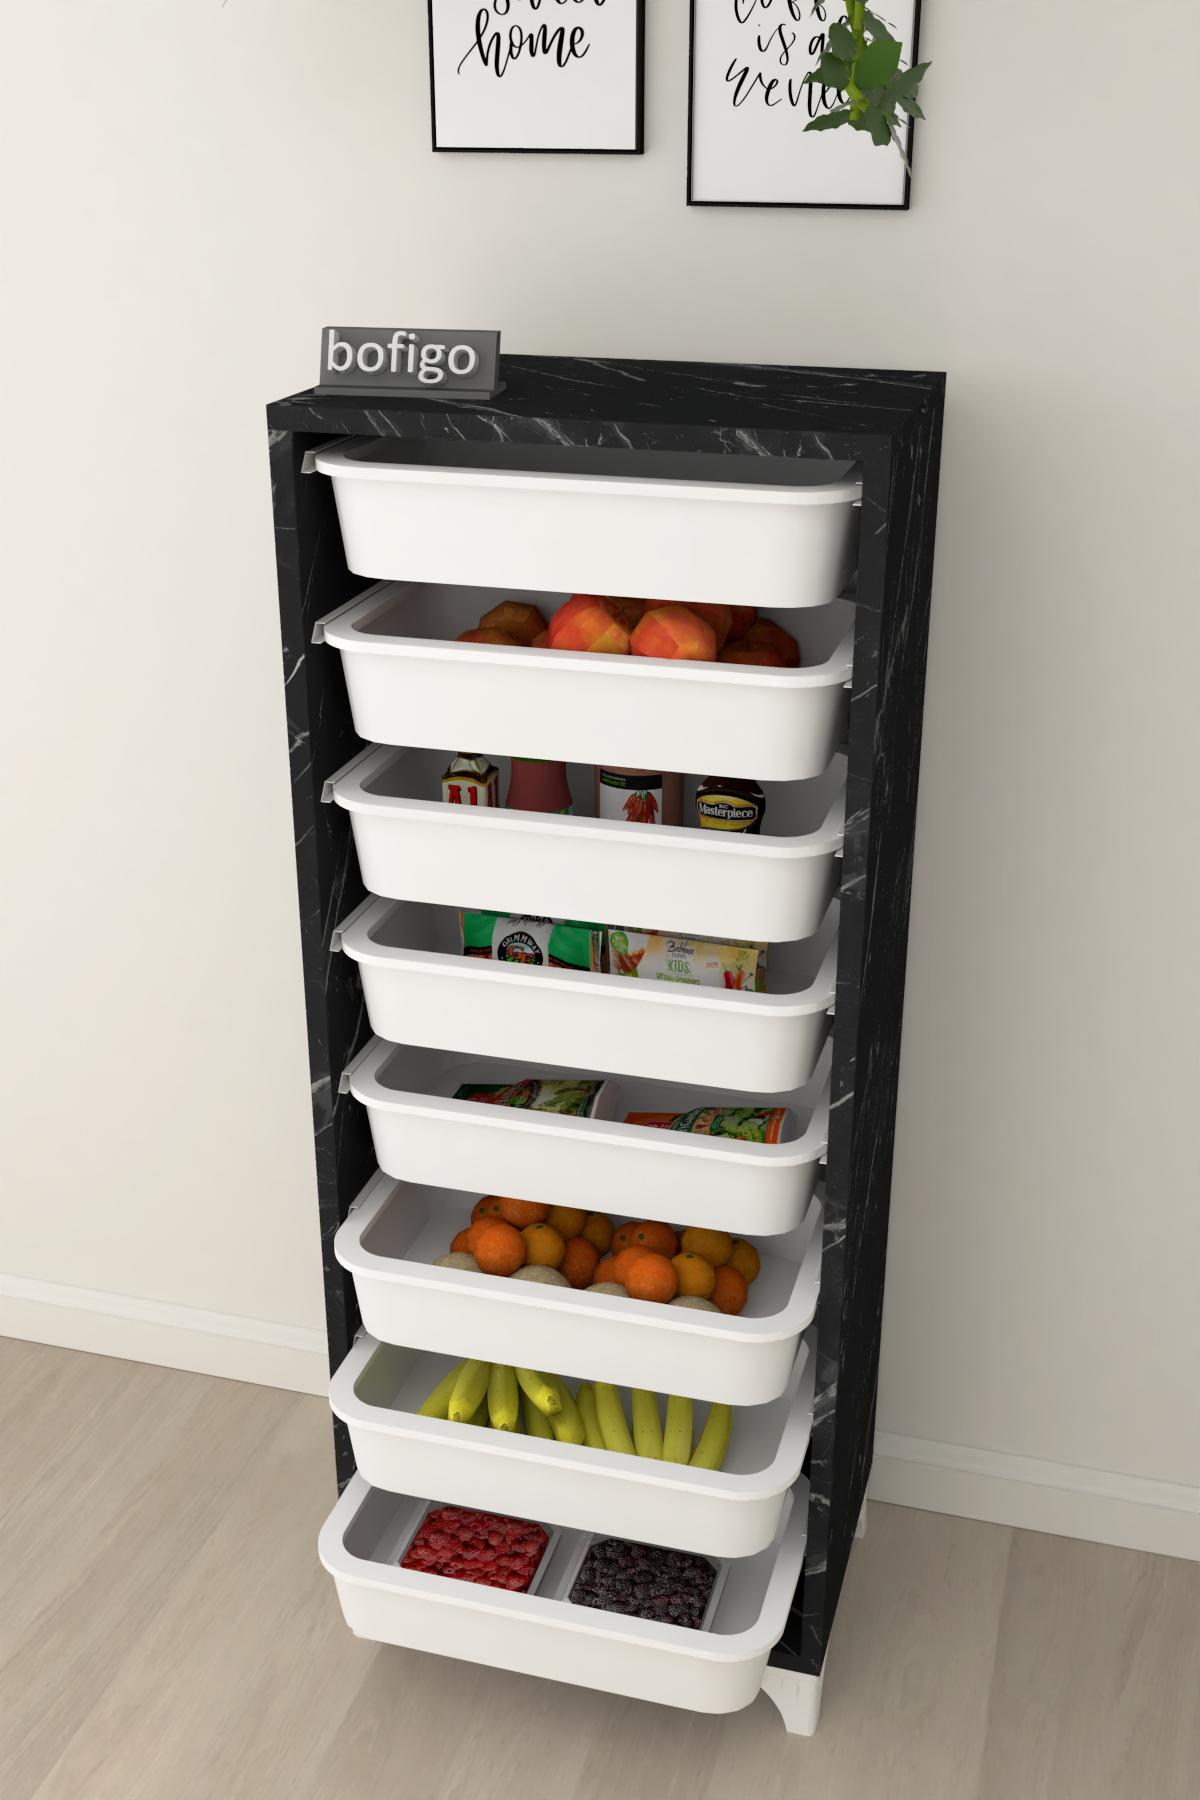 Bofigo 8 Sepetli Mutfak Dolabı Çok Amaçlı Dolap Sebzelik Bendir